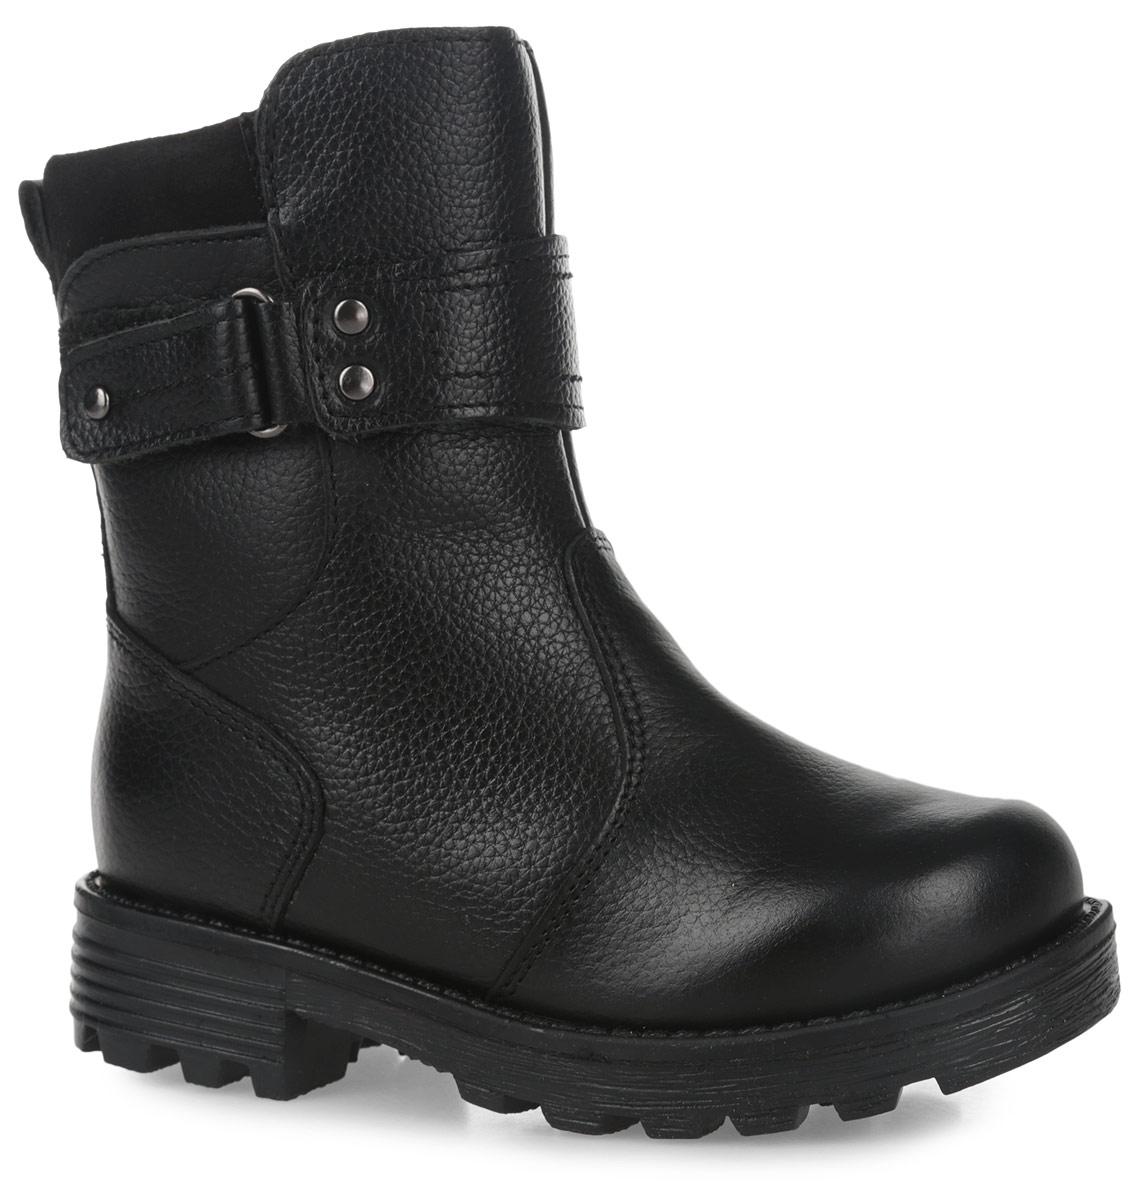 11197-1Теплые полусапоги от Зебра выполнены из натуральной кожи и оформлены декоративными ремешками. Застежка-молния надежно фиксирует изделие на ноге. Мягкая подкладка и стелька из натурального меха обеспечивают тепло, циркуляцию воздуха и сохраняют комфортный микроклимат в обуви. Подошва с рефлением гарантирует идеальное сцепление с любыми поверхностями.